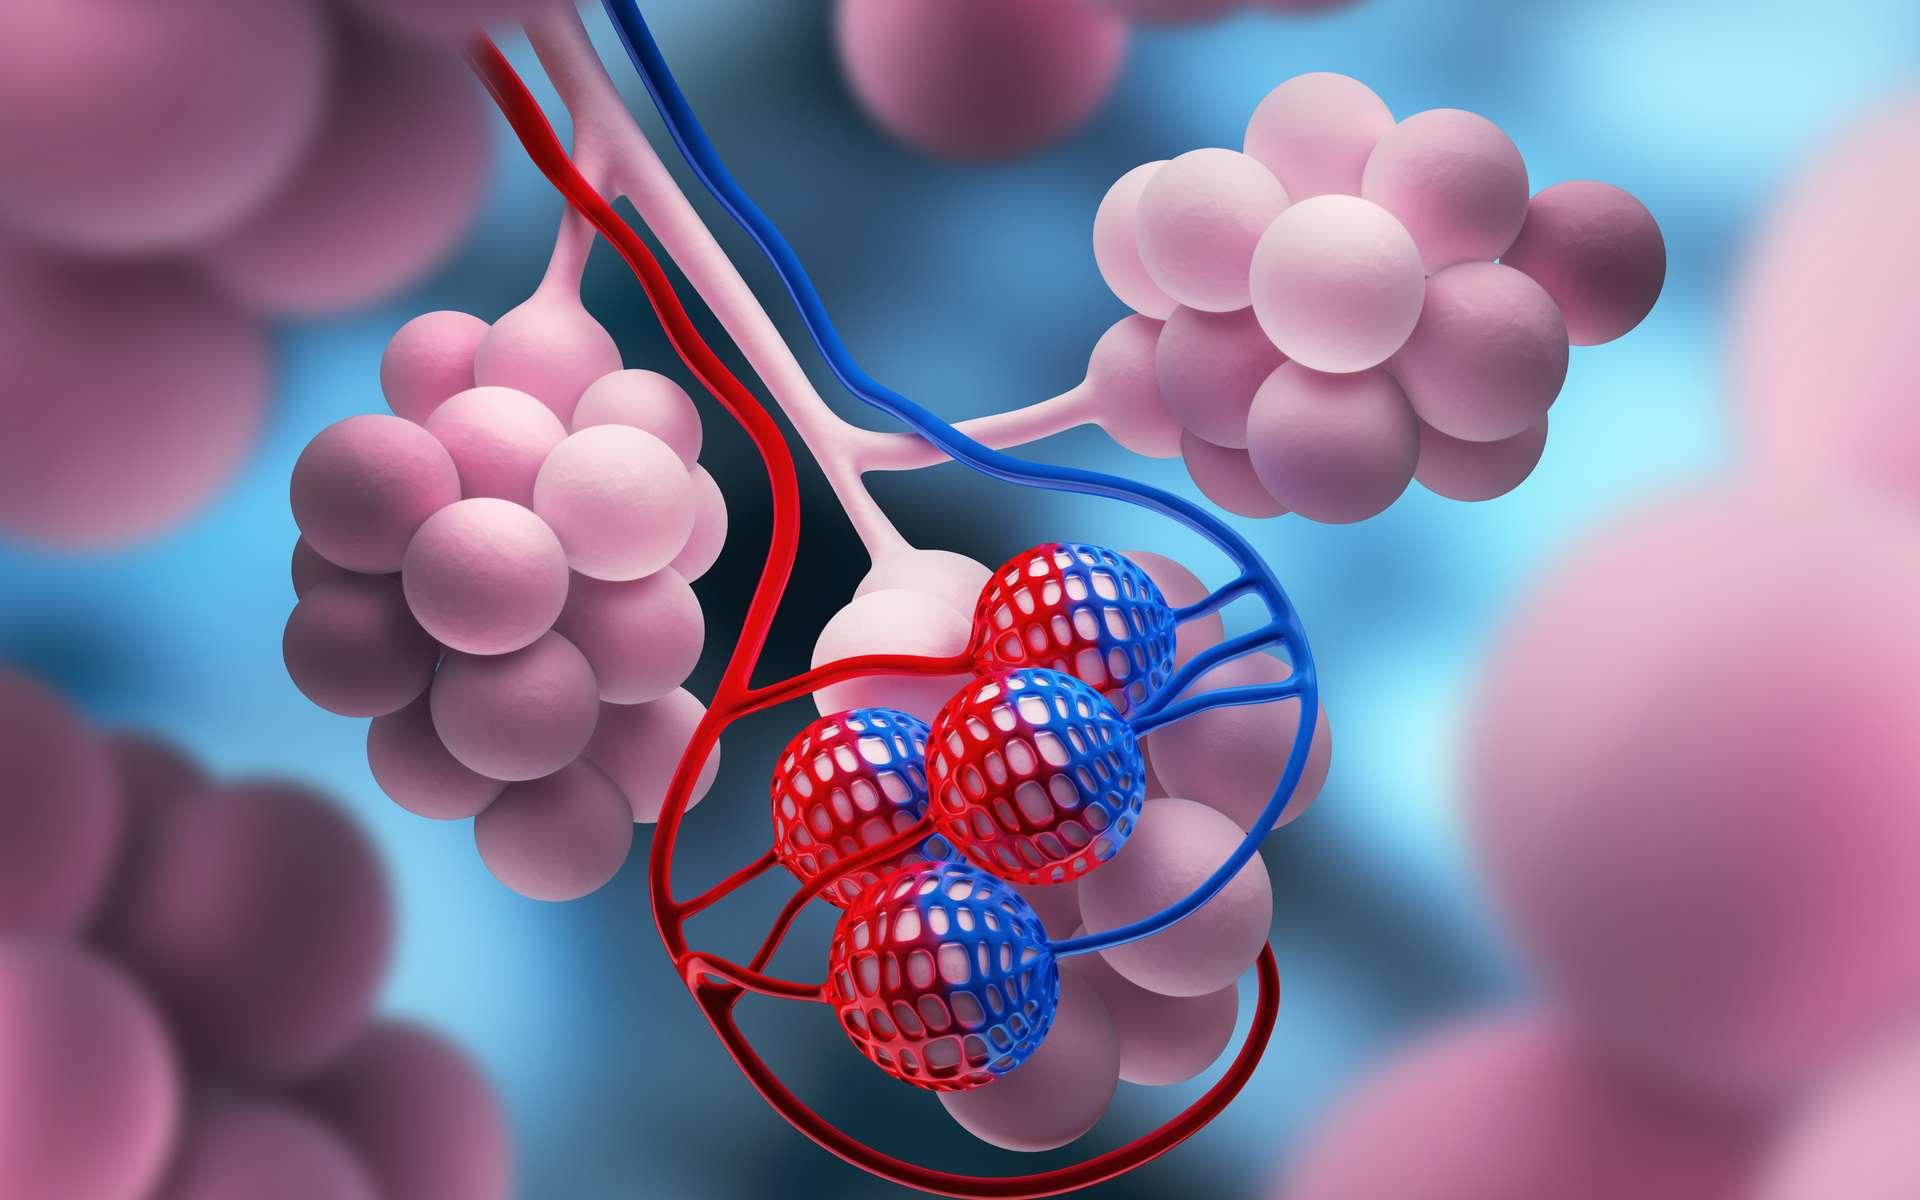 En utilisant des organoïdes, des scientifiques parviennent à identifier des médicaments prometteurs contre le SARS-CoV-2. © peterschreiber.media, Adobe Stock